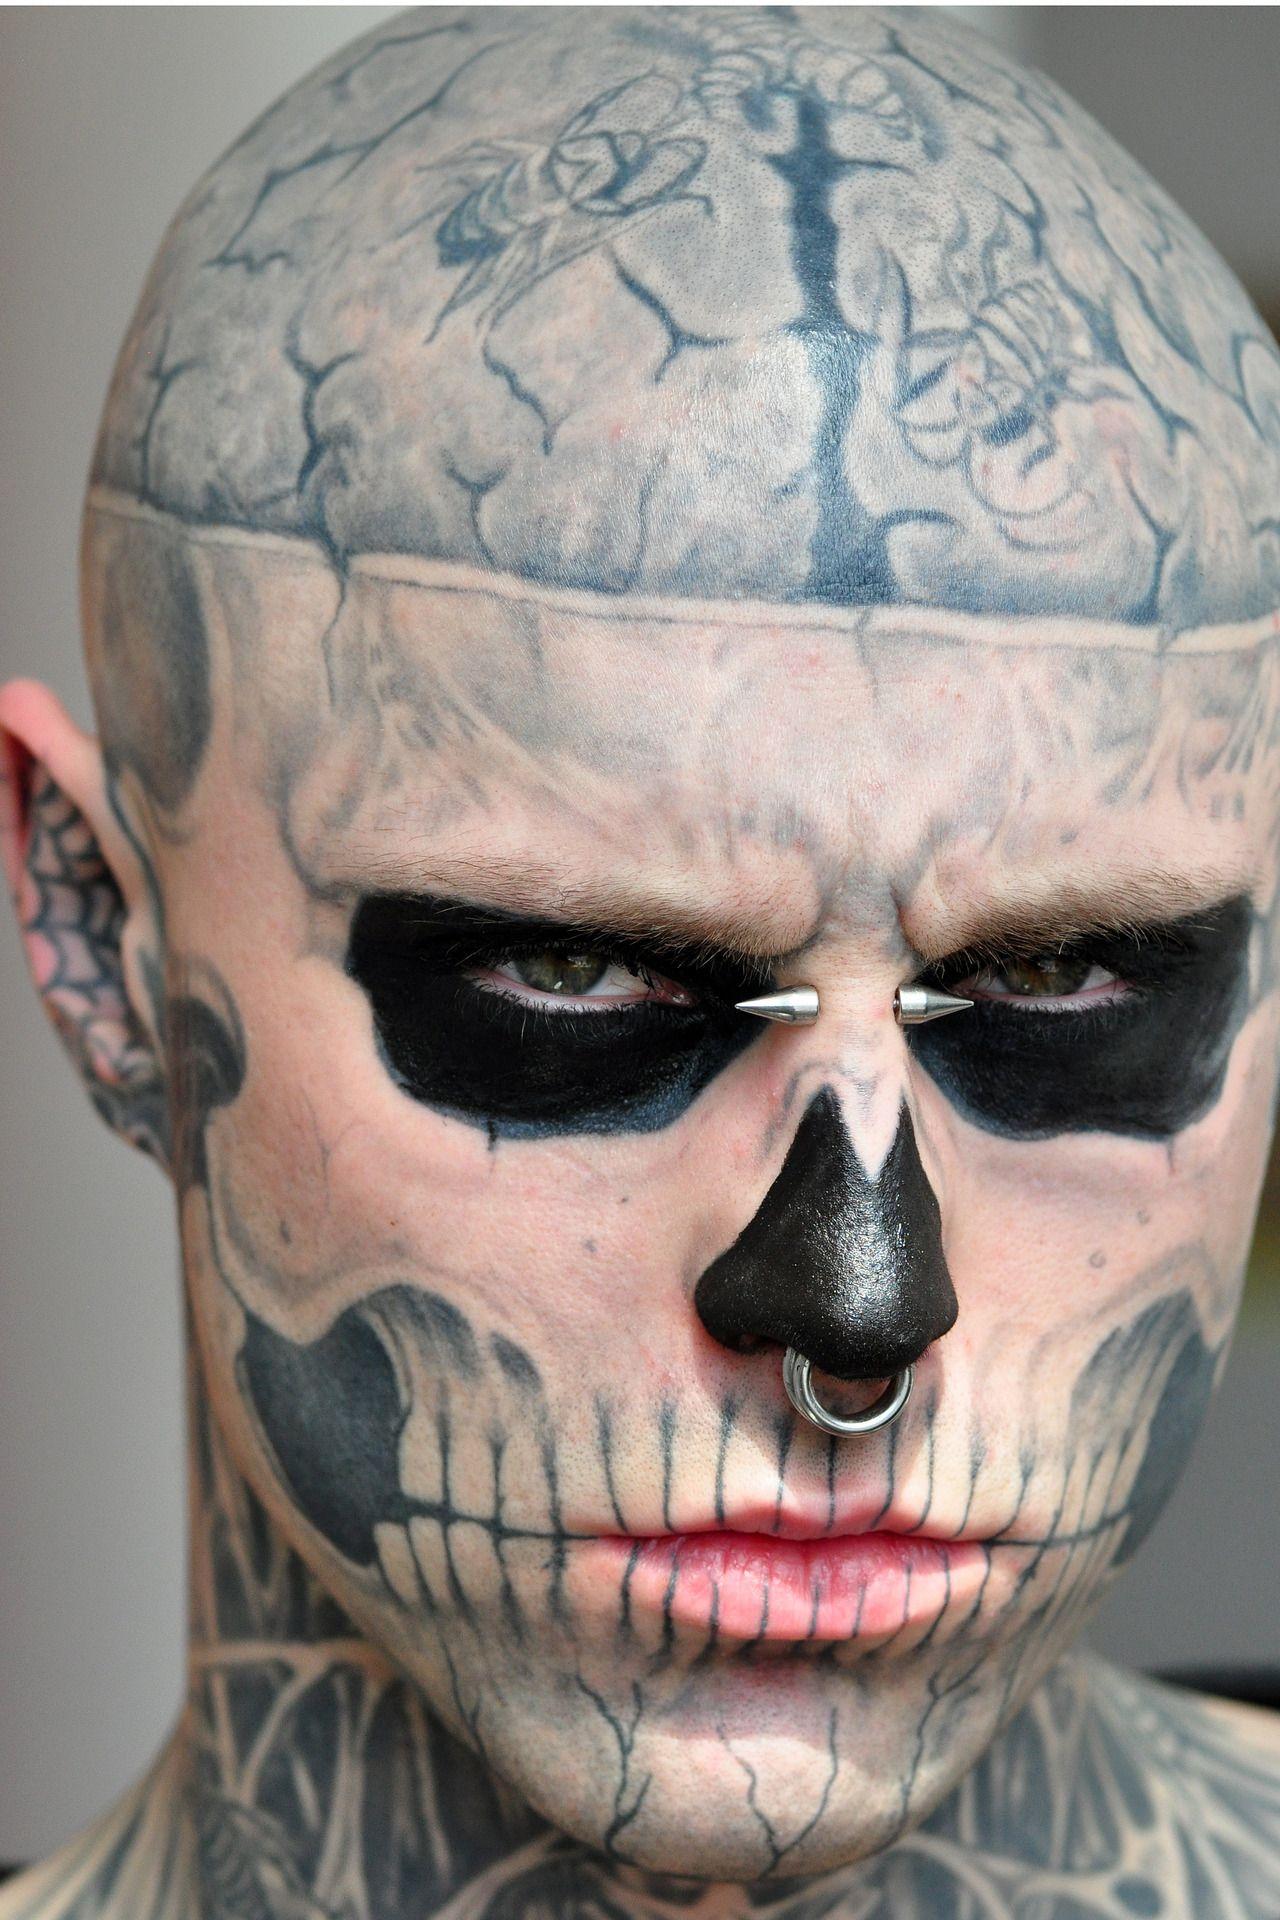 The 110 Best Skull Tattoos for Men | Improb